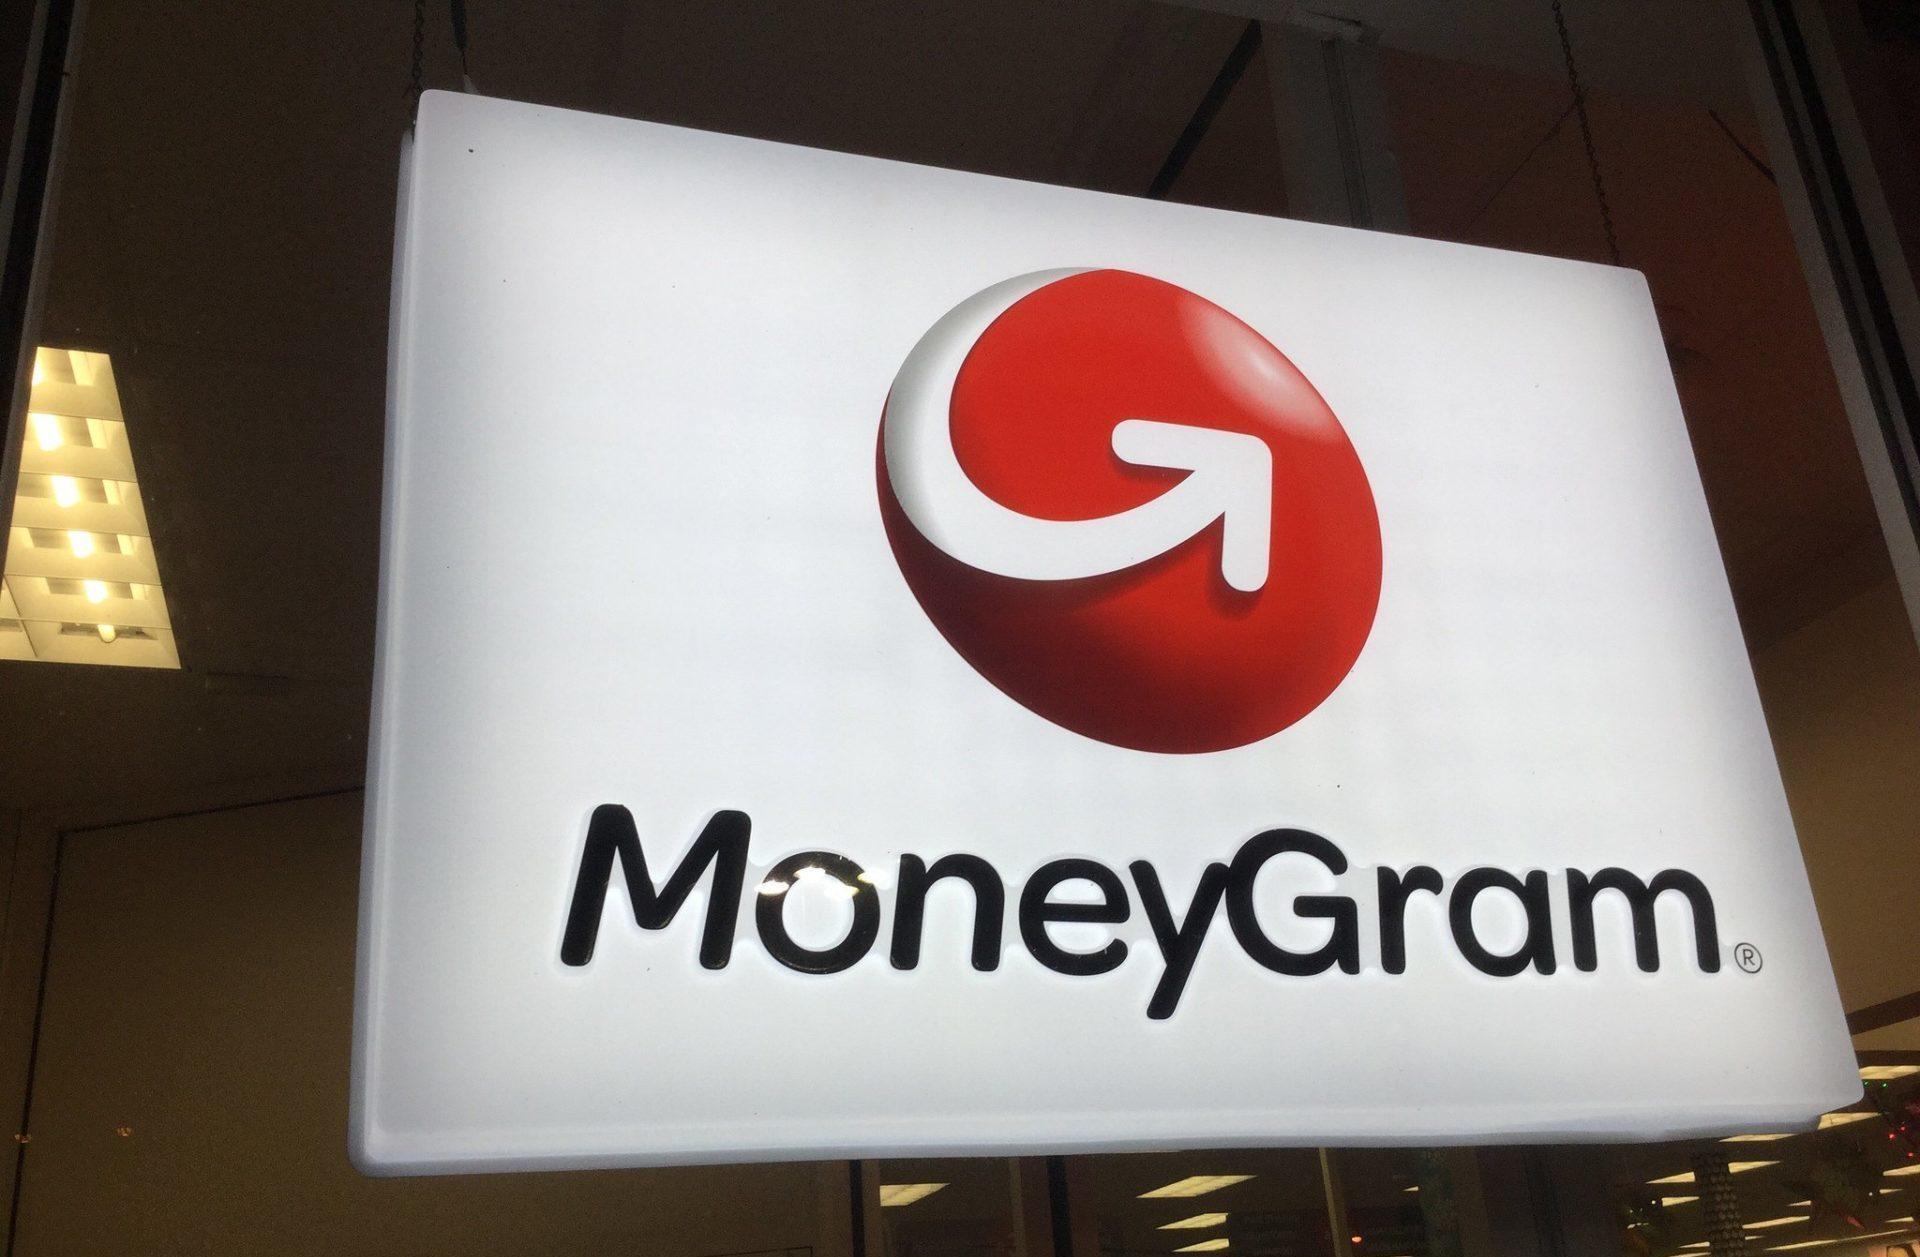 giá bitcoin: Ripple đầu tư 30 triệu USD vào cổ phiếu MoneyGram để thúc đẩy sử dụng XRP